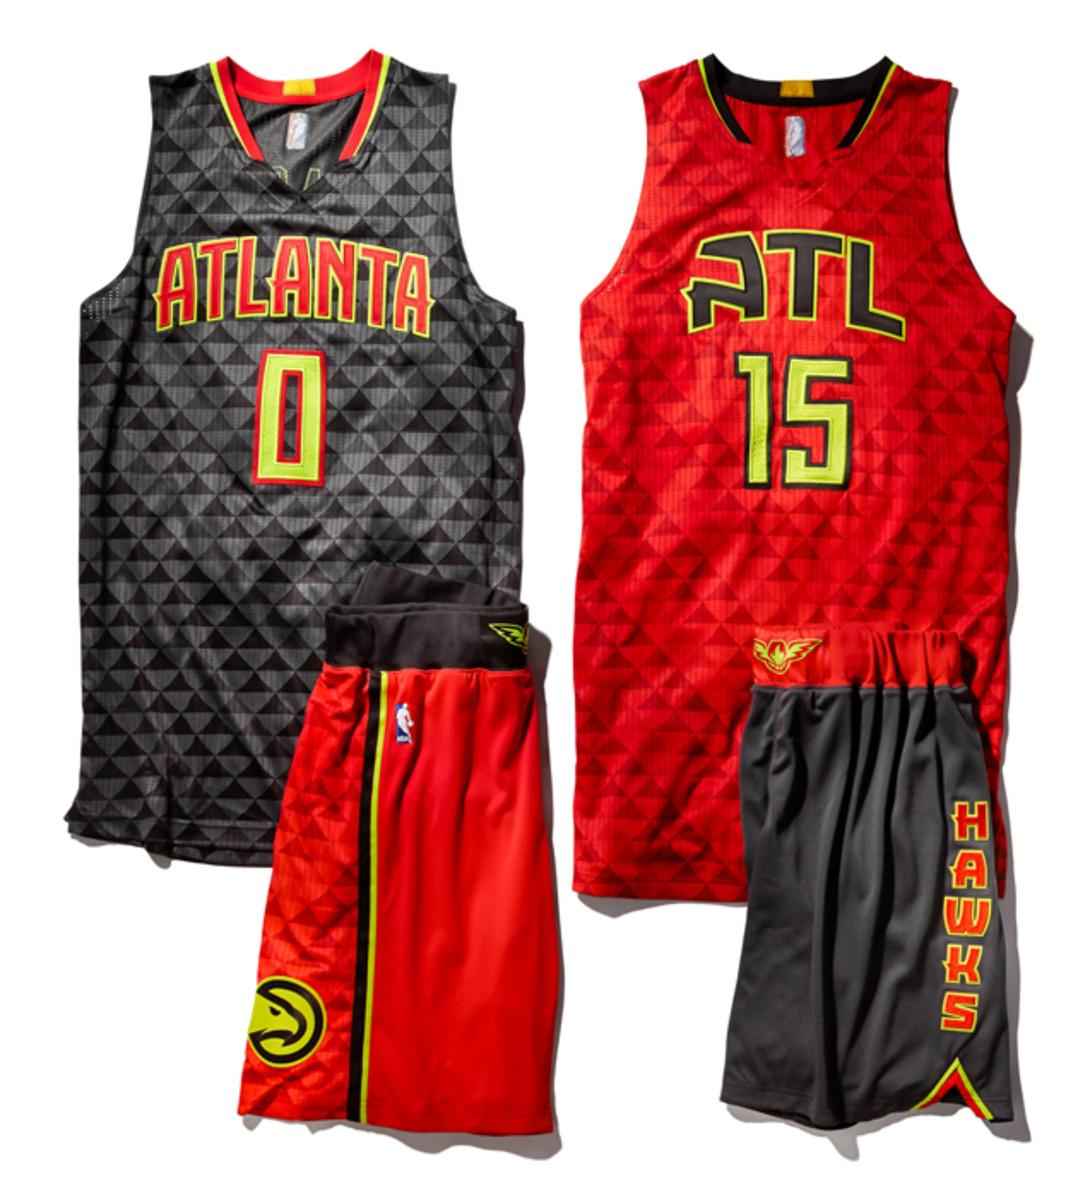 atlanta-hawks-jersey-release-630.jpg